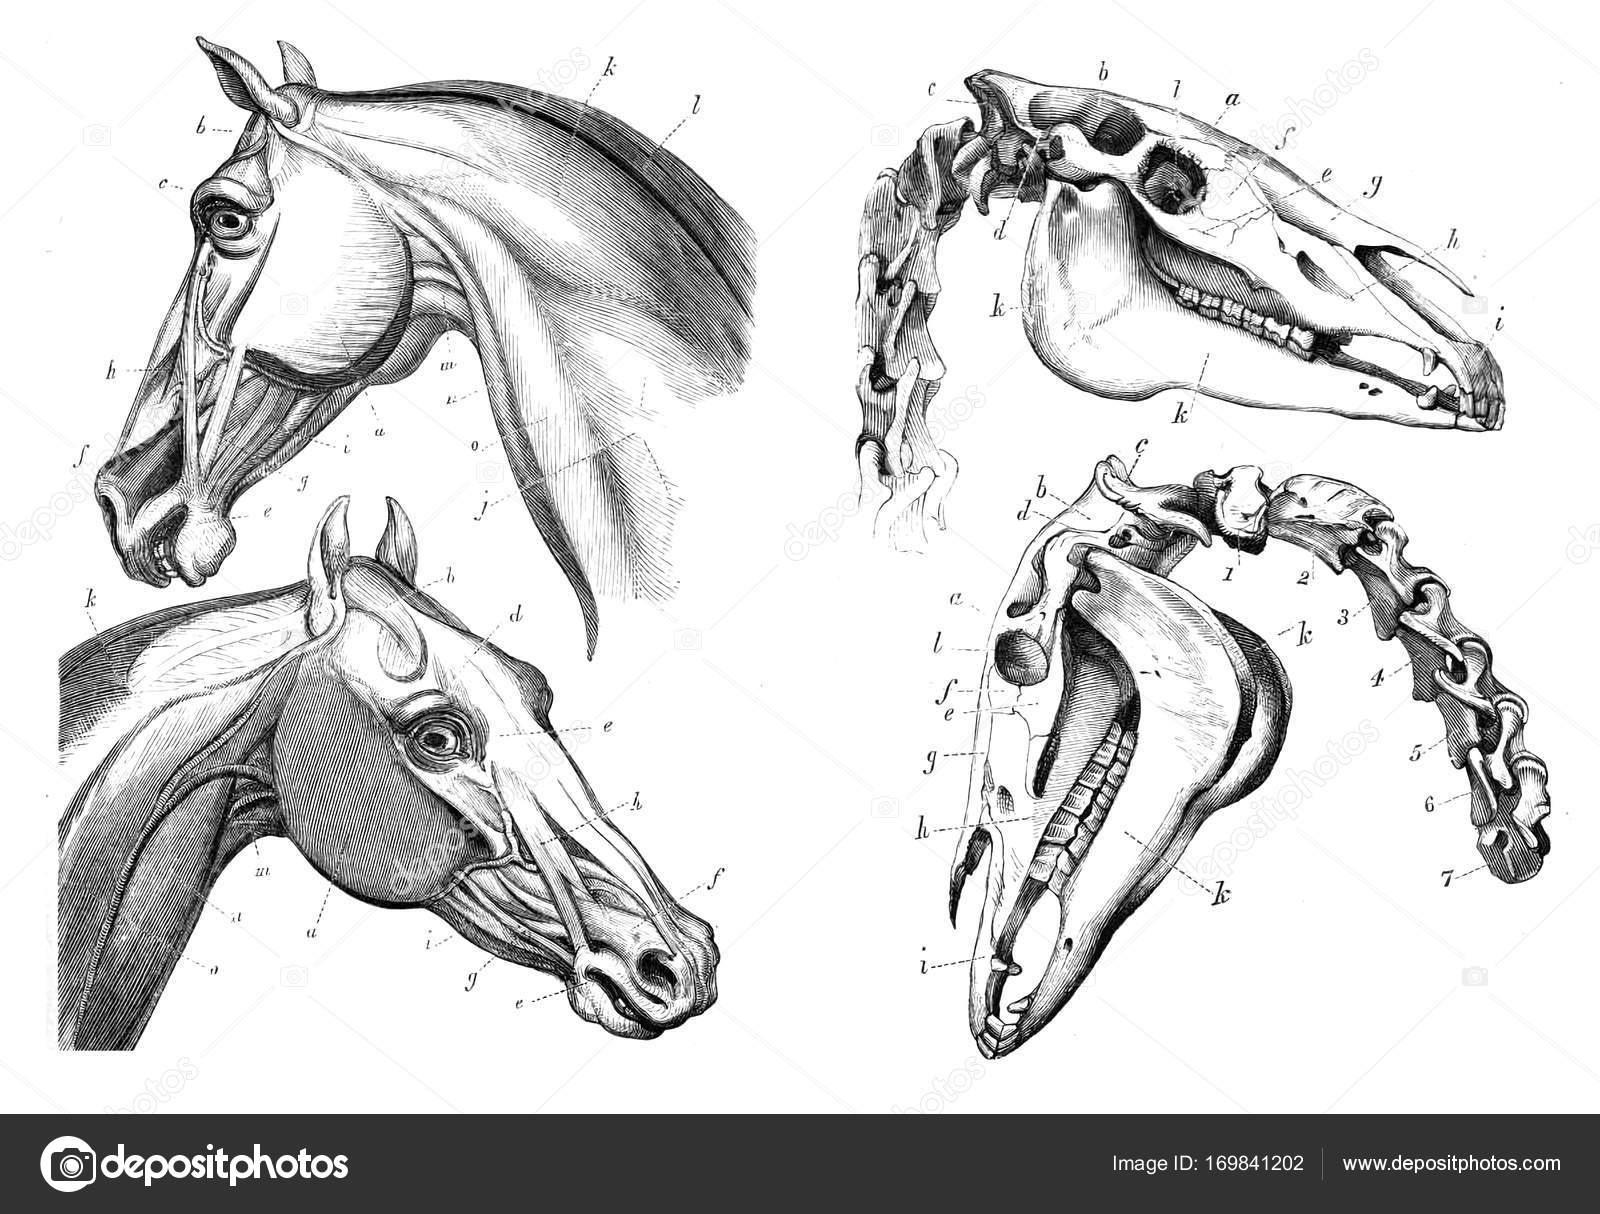 La anatomía del caballo — Fotos de Stock © ruskpp #169841202